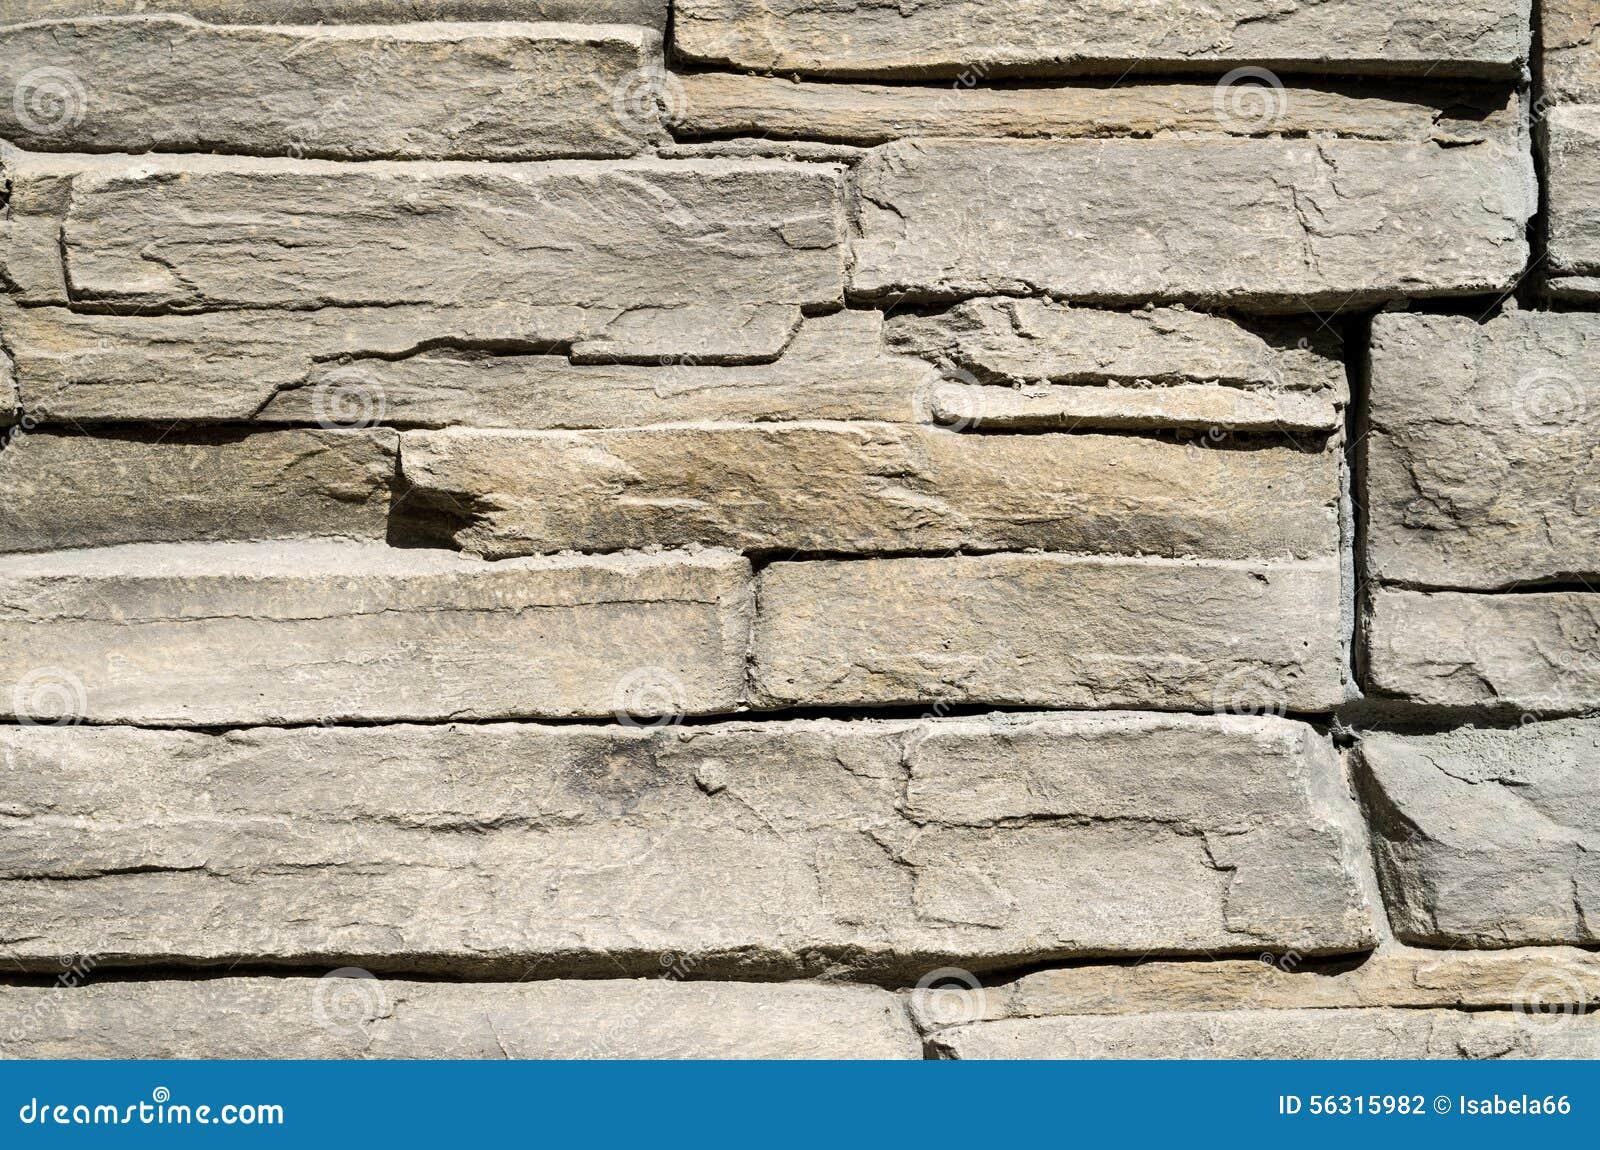 Dekoracyjne Reliefowe Powlekanie Cegiełki Imituje Kamienie